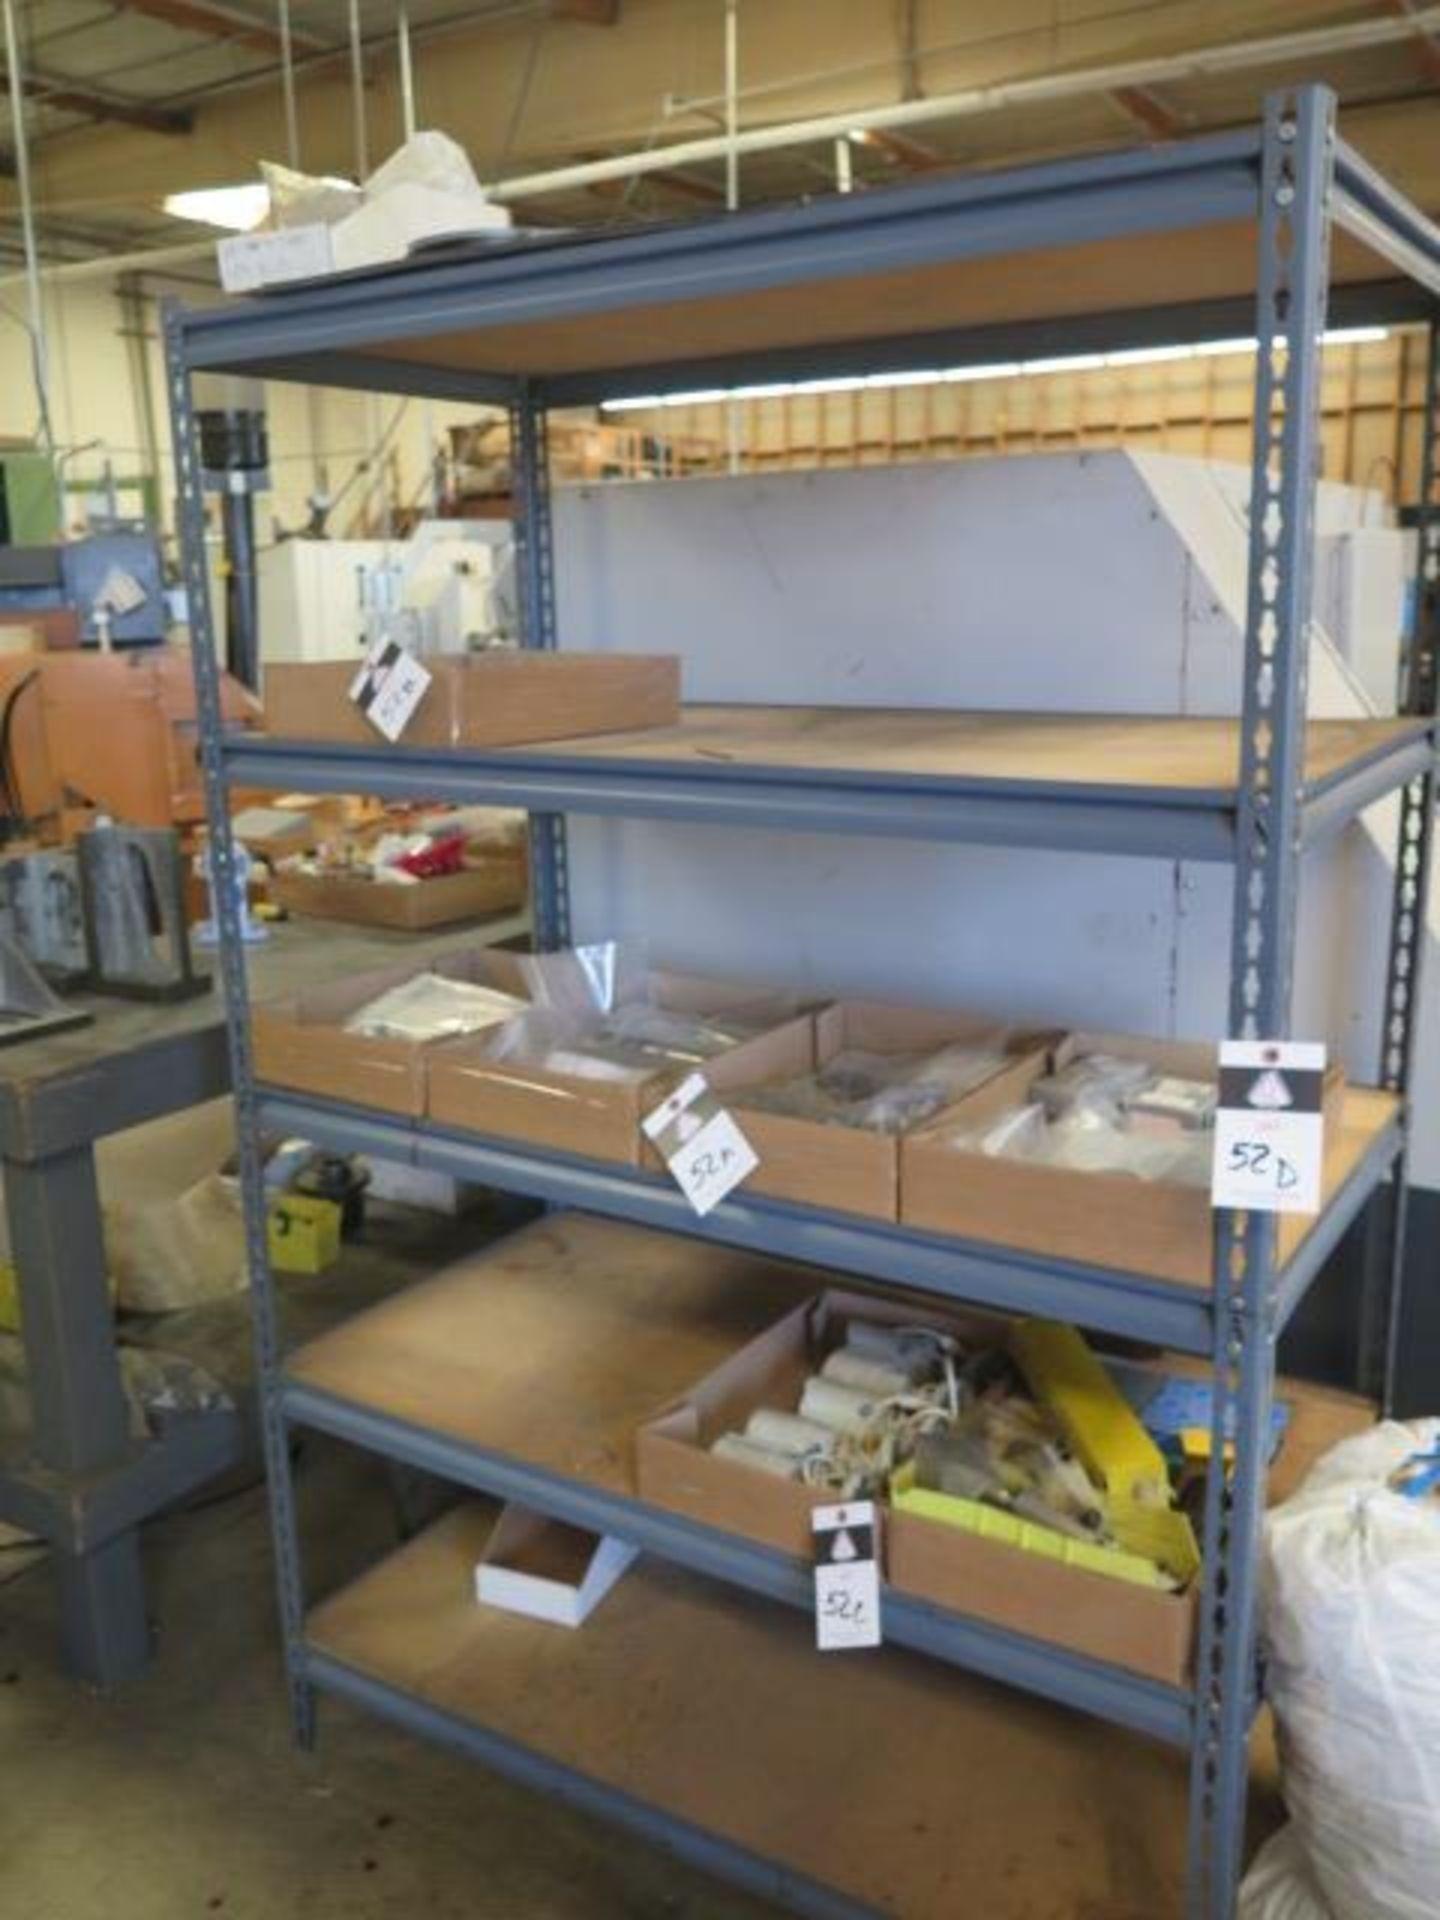 Shelf (SOLD AS-IS - NO WARRANTY)